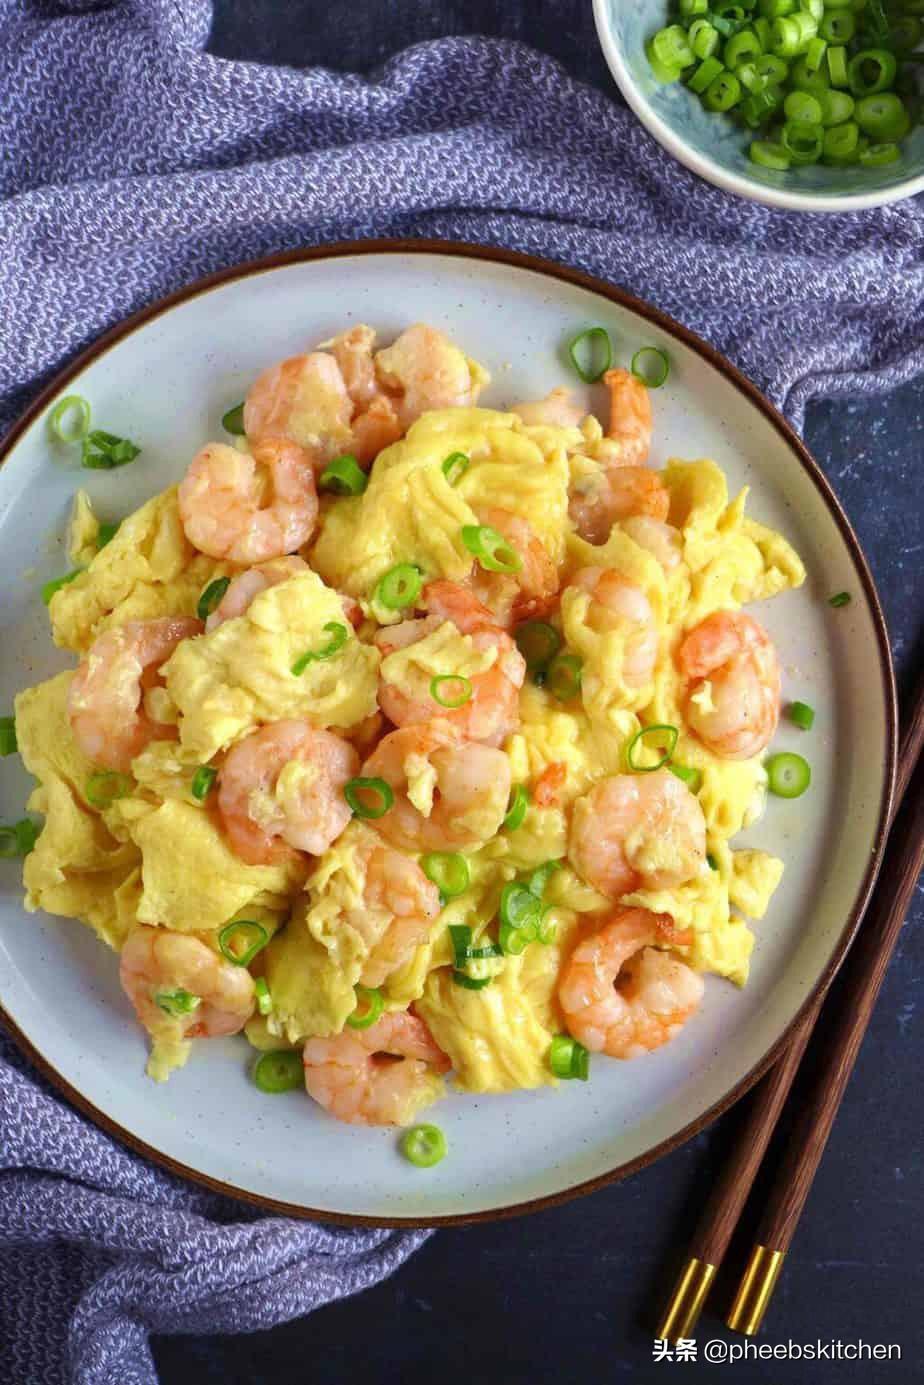 广东特色的虾仁滑蛋做法,滑嫩鲜香,清淡美味,老人小孩超爱吃 美食做法 第2张